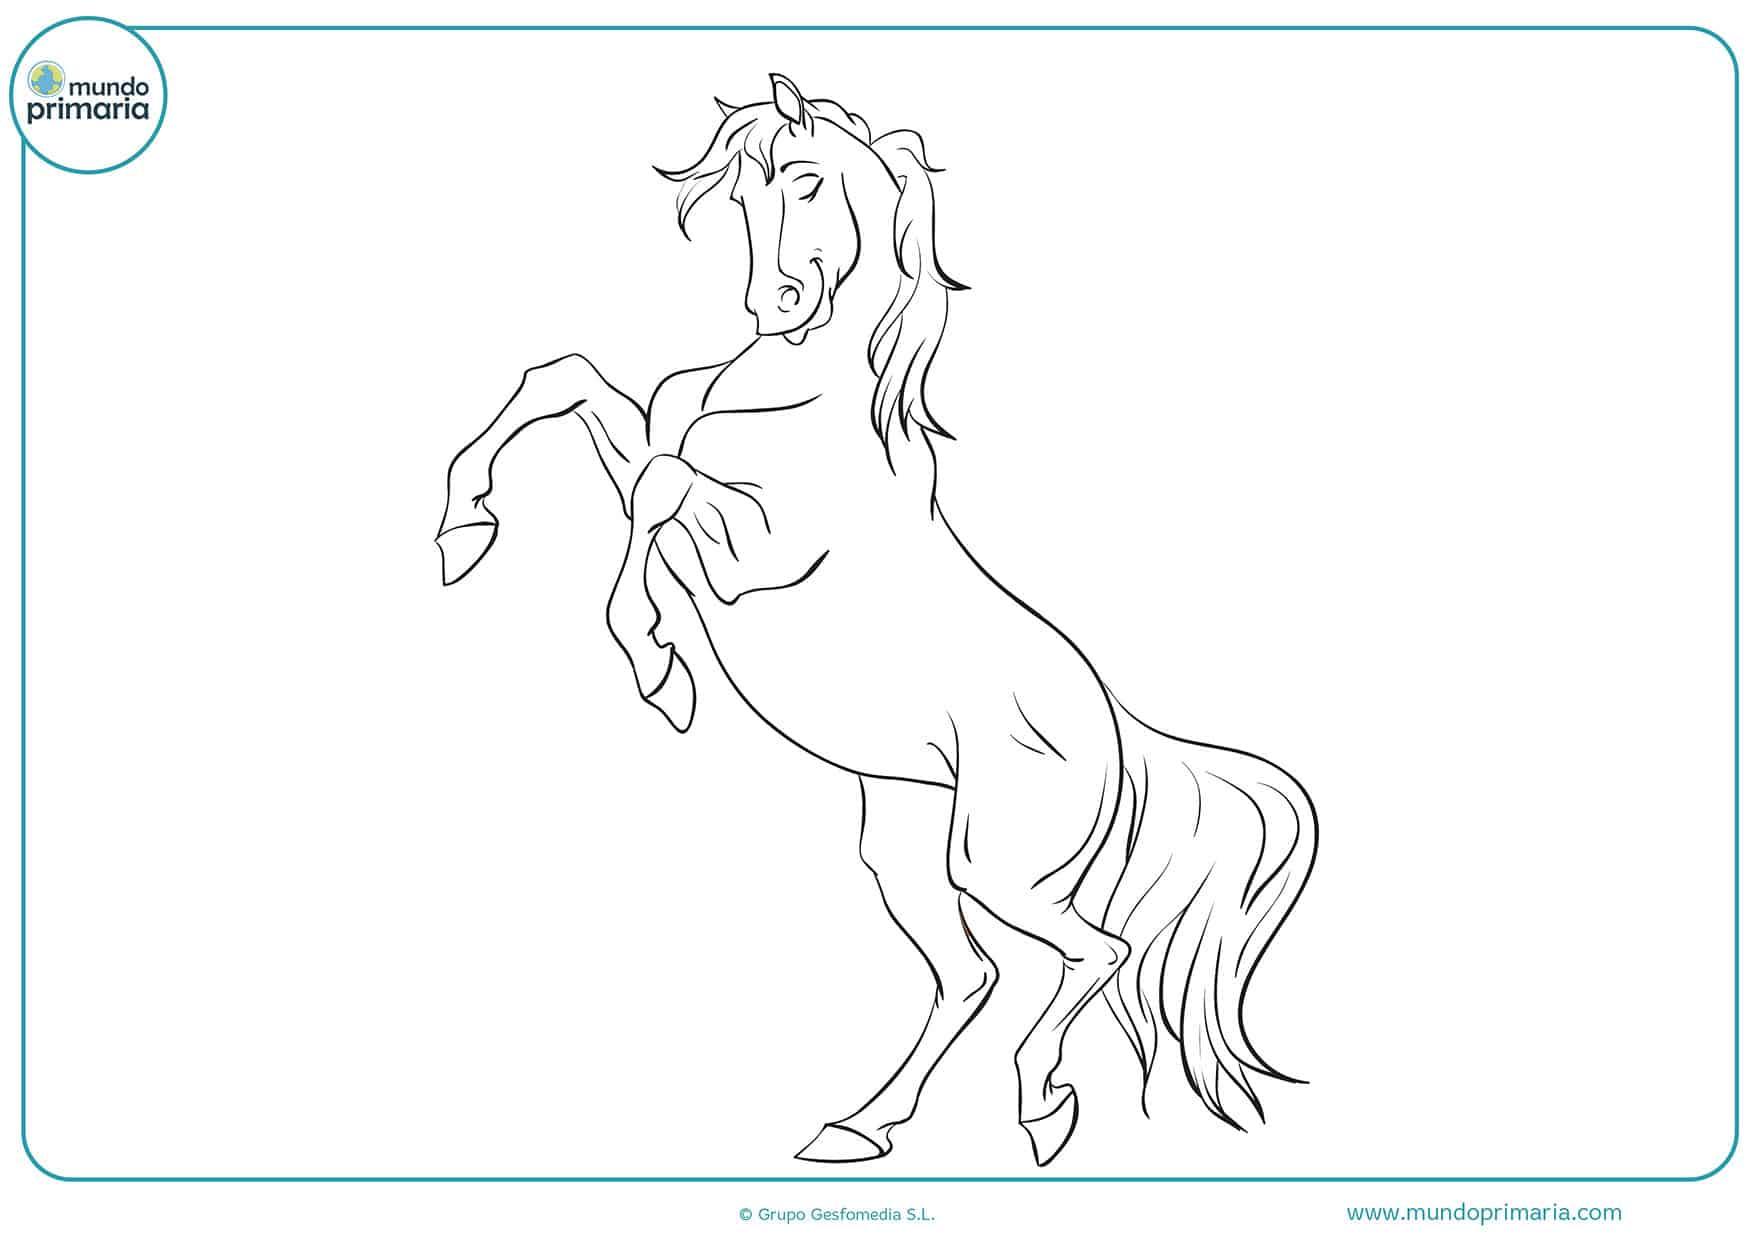 Dibujos Para Descargar Imprimir Y: Dibujos De Caballos Para Imprimir Y Colorear